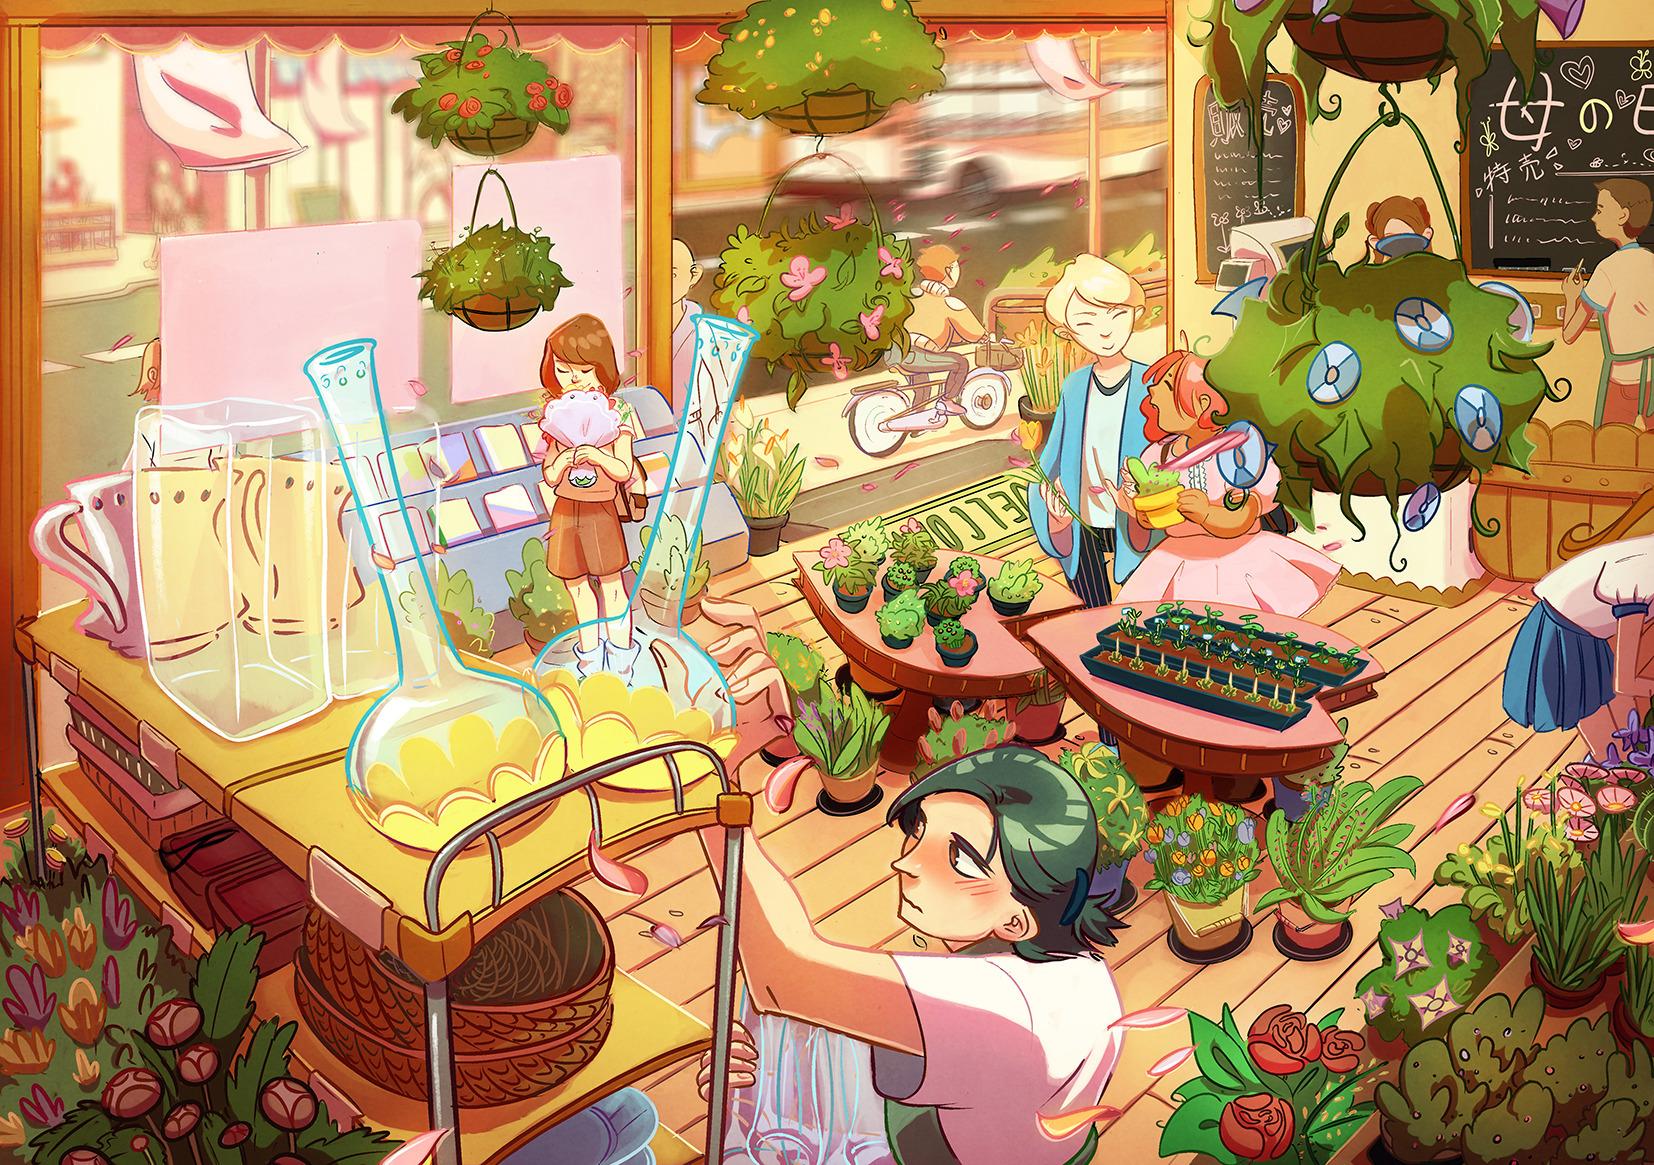 illustration, flowers, digitalart - sixiaoart | ello